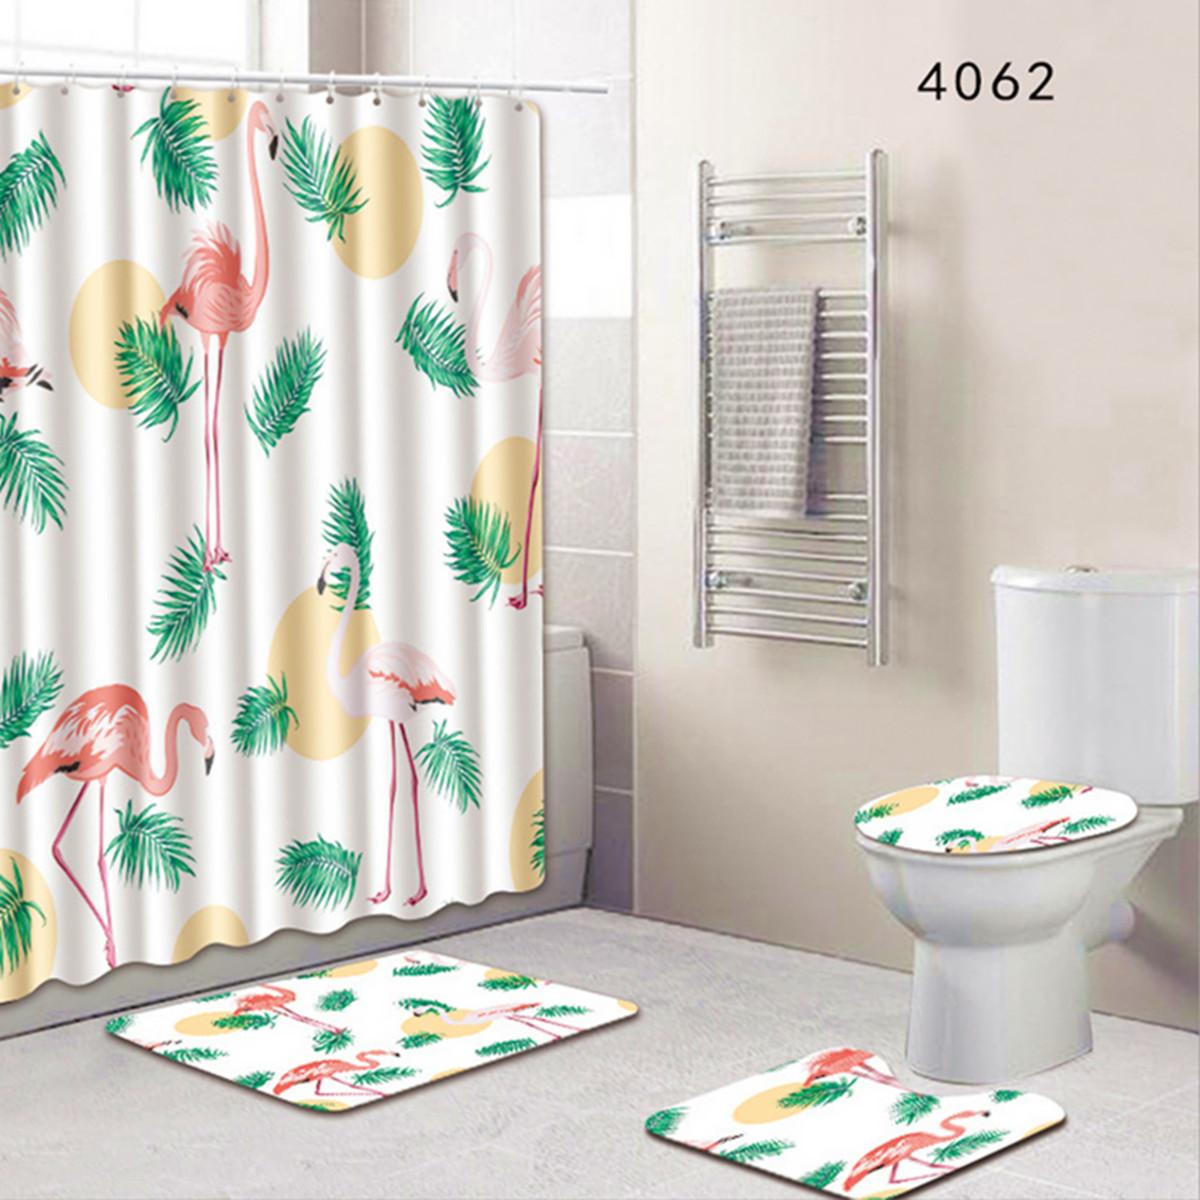 Salle De Bains Toilettes Difference ~ neufu set 4pcs rideau de douche tapis toilettes couvercle salle de